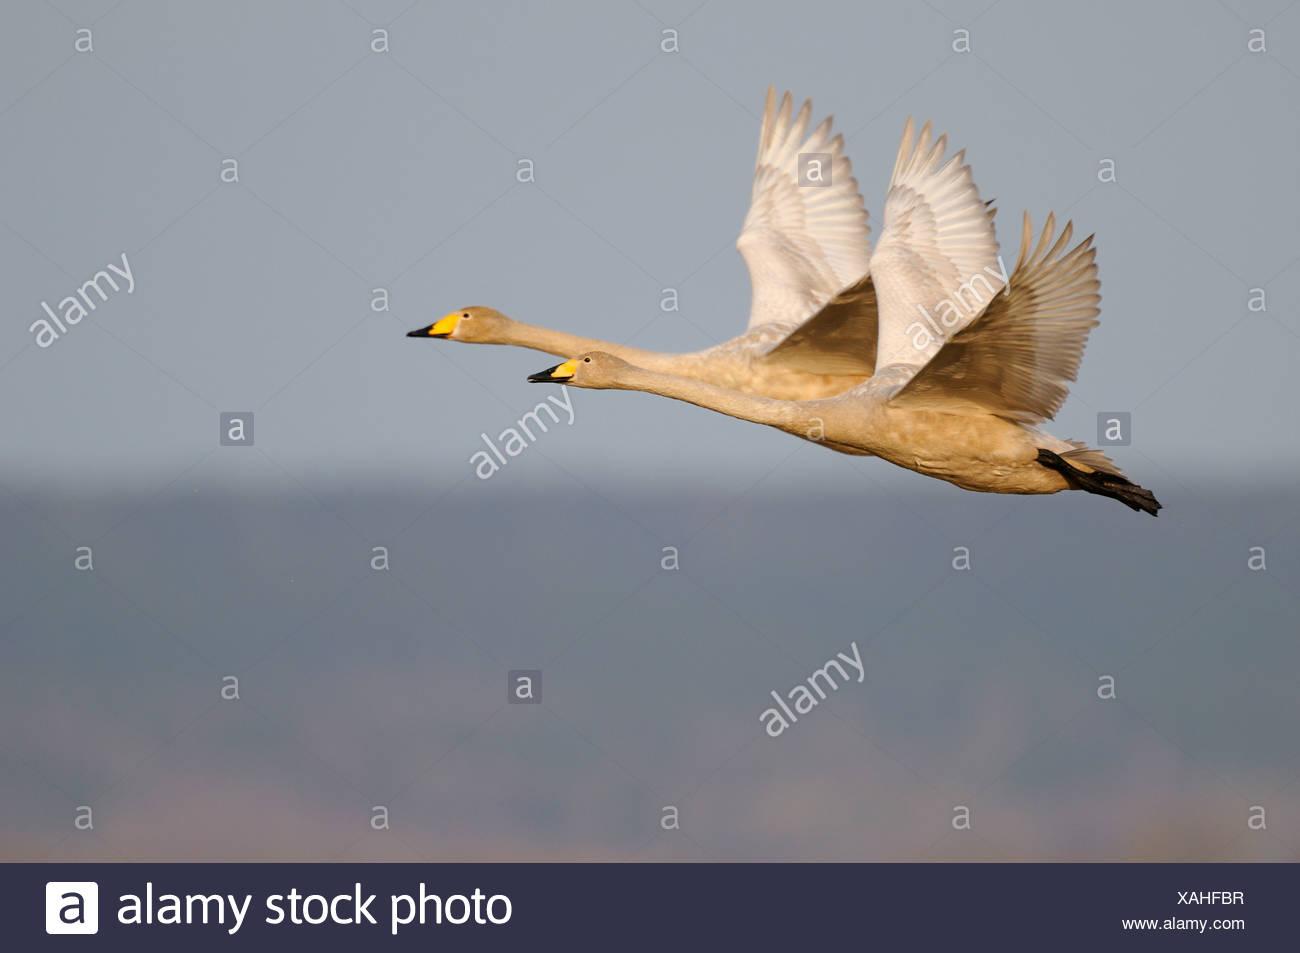 Whooper swans (Cygnus cygnus), flying breeding pair, Hornborgasjoen, Vaestergoetland, Sweden, Scandinavia, Europe - Stock Image